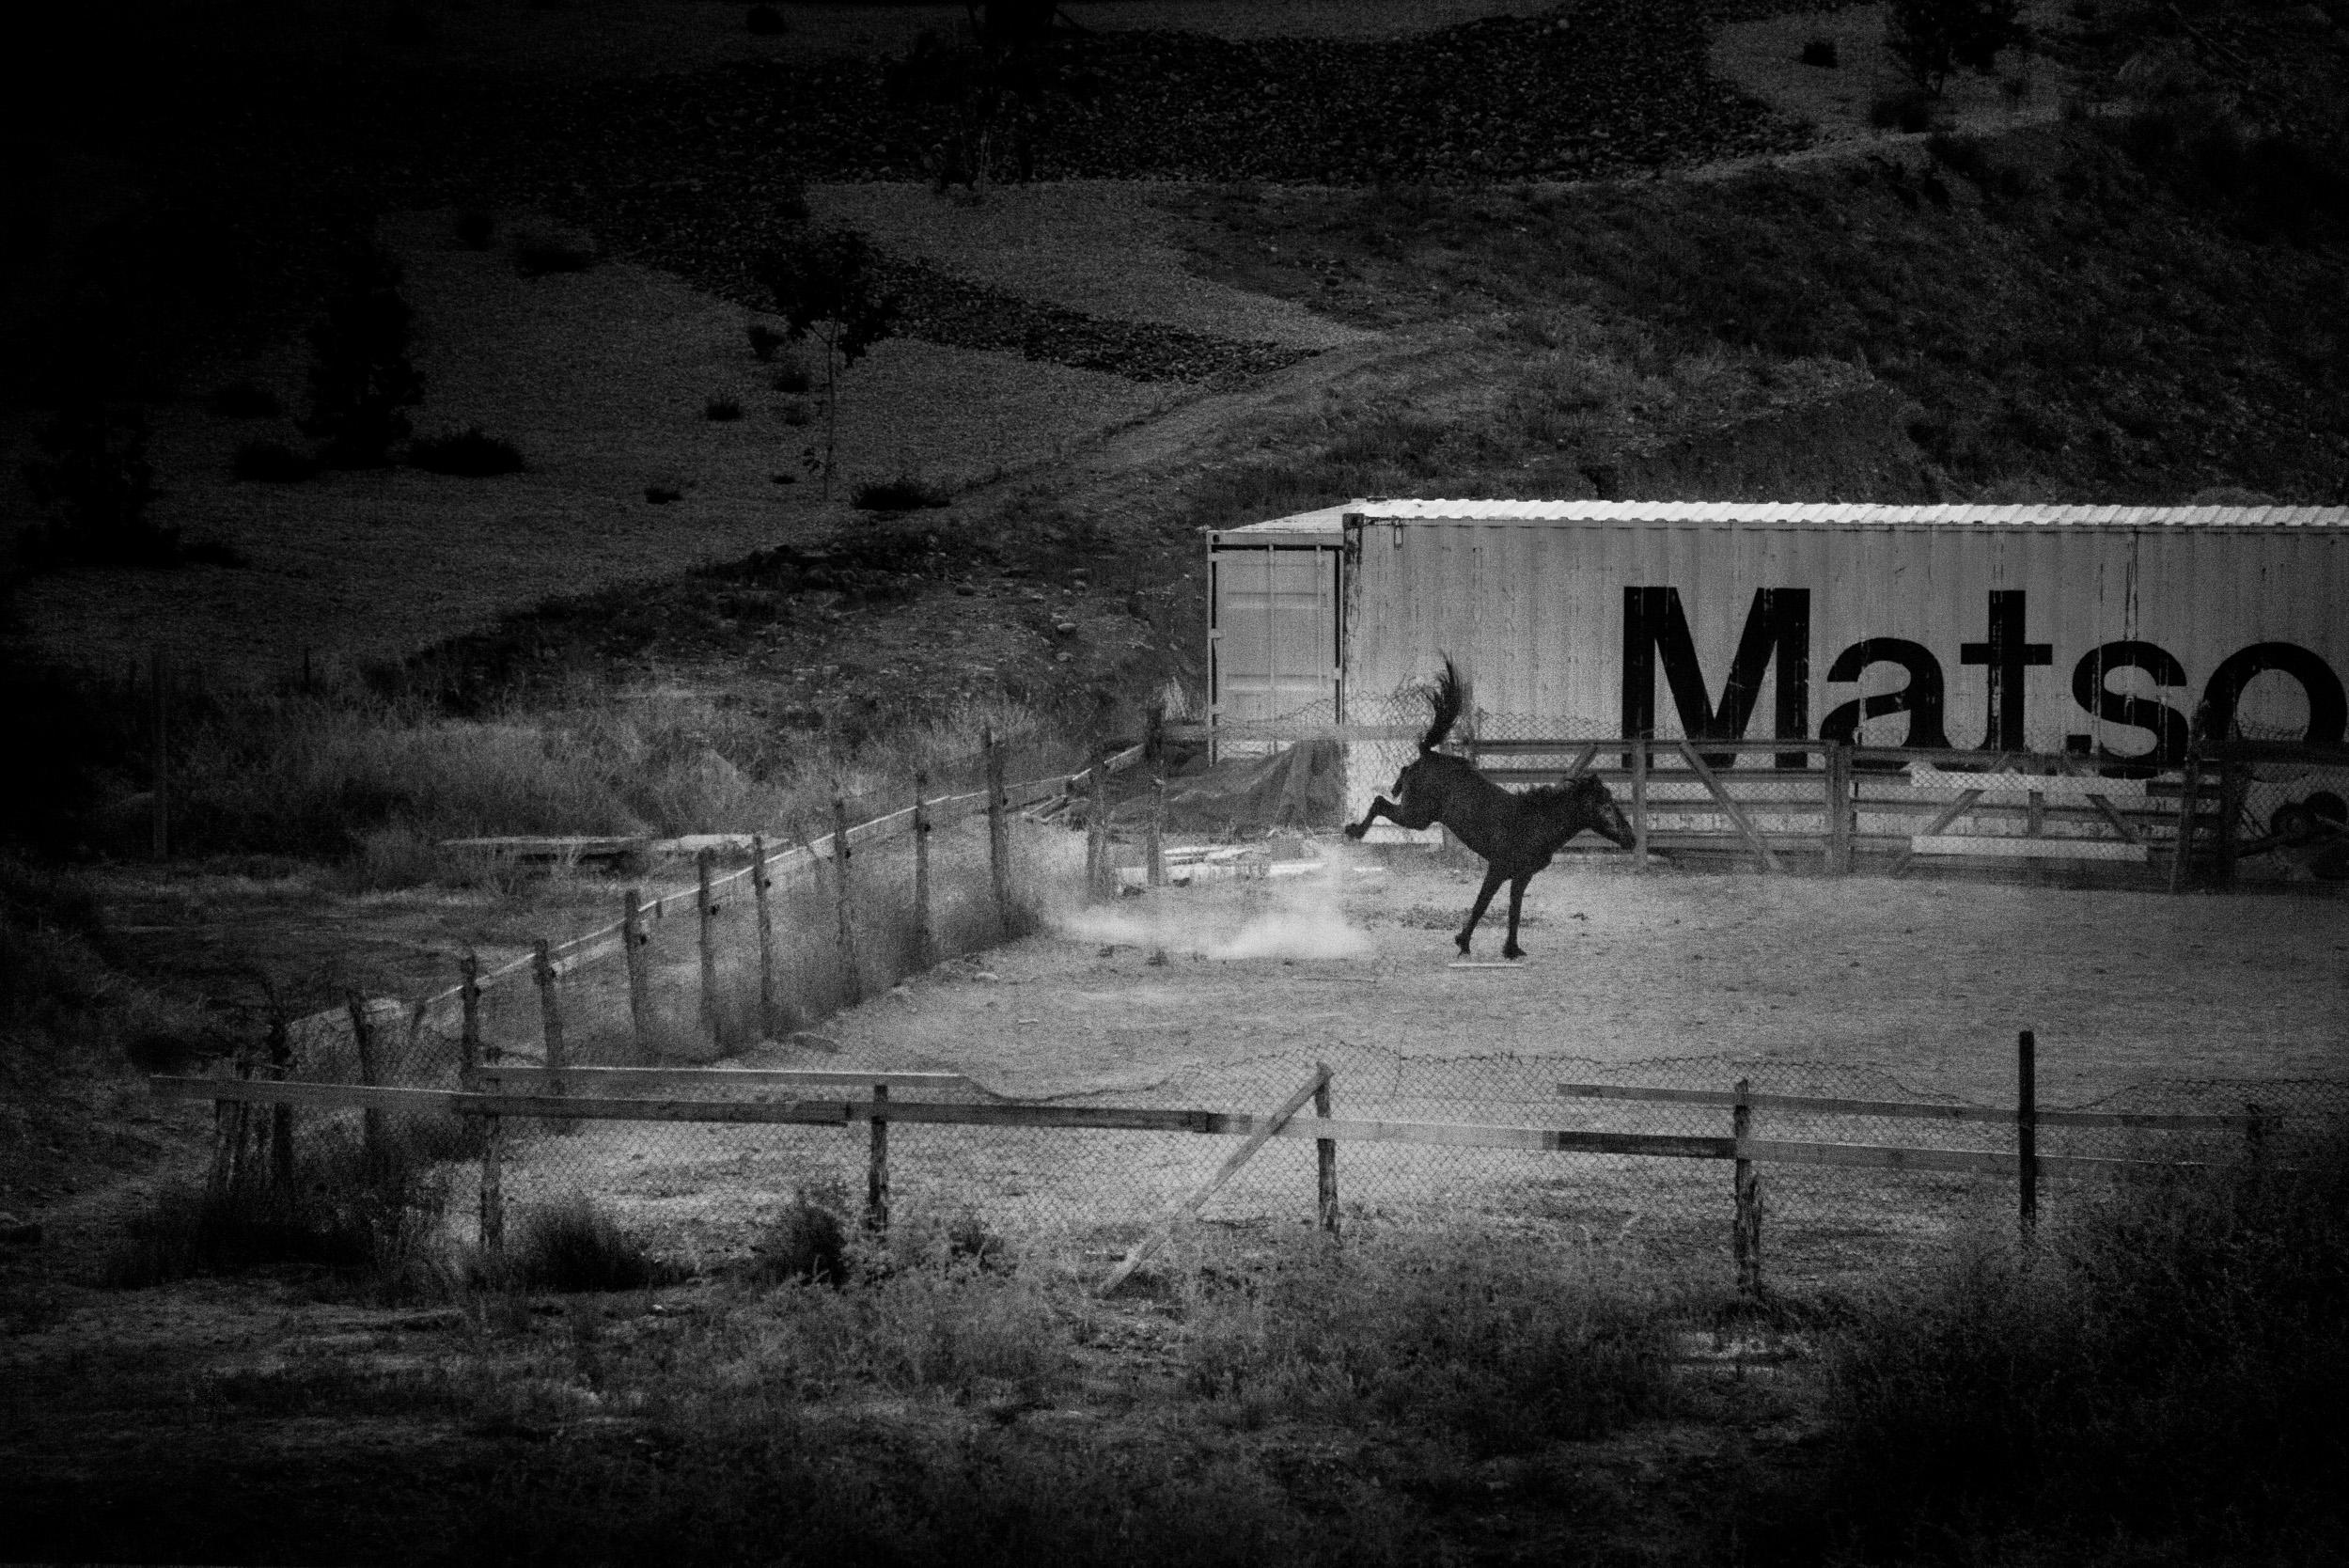 Horse Bucking, Saint George, Utah  © Robert Welkie 2018